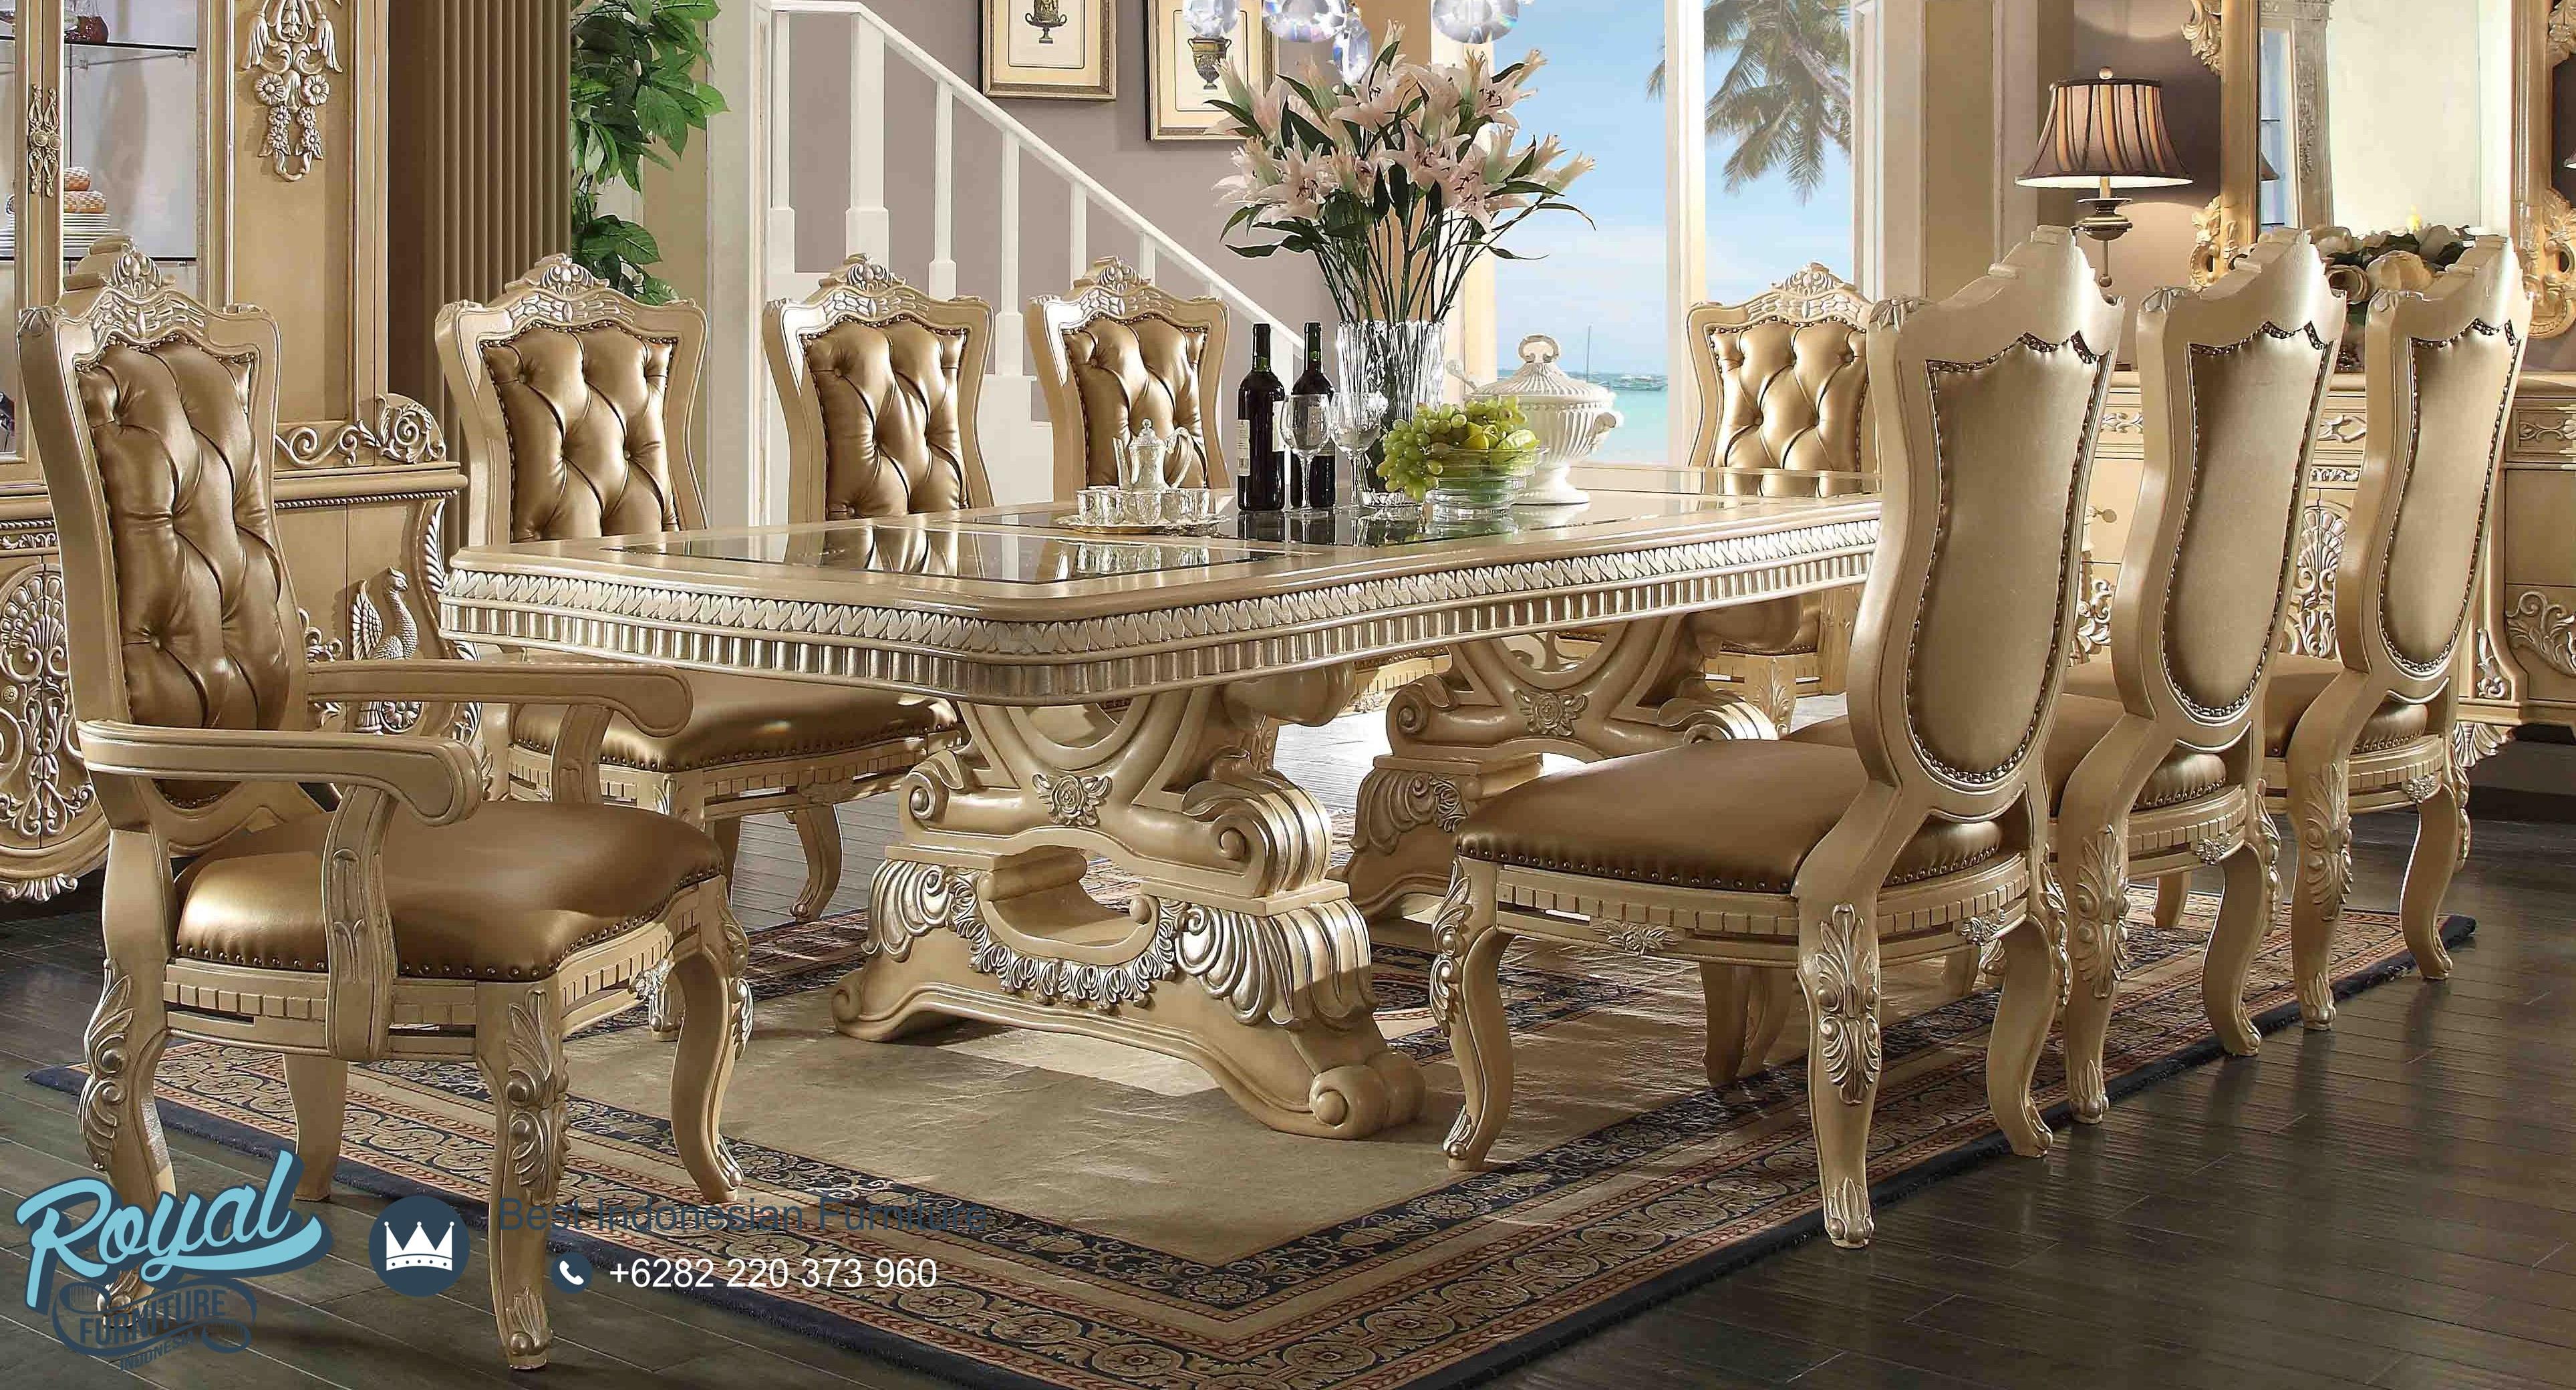 Meja Makan Mewah Model Klasik Set Kursi Makan Terbaru Royal Furniture Jepara